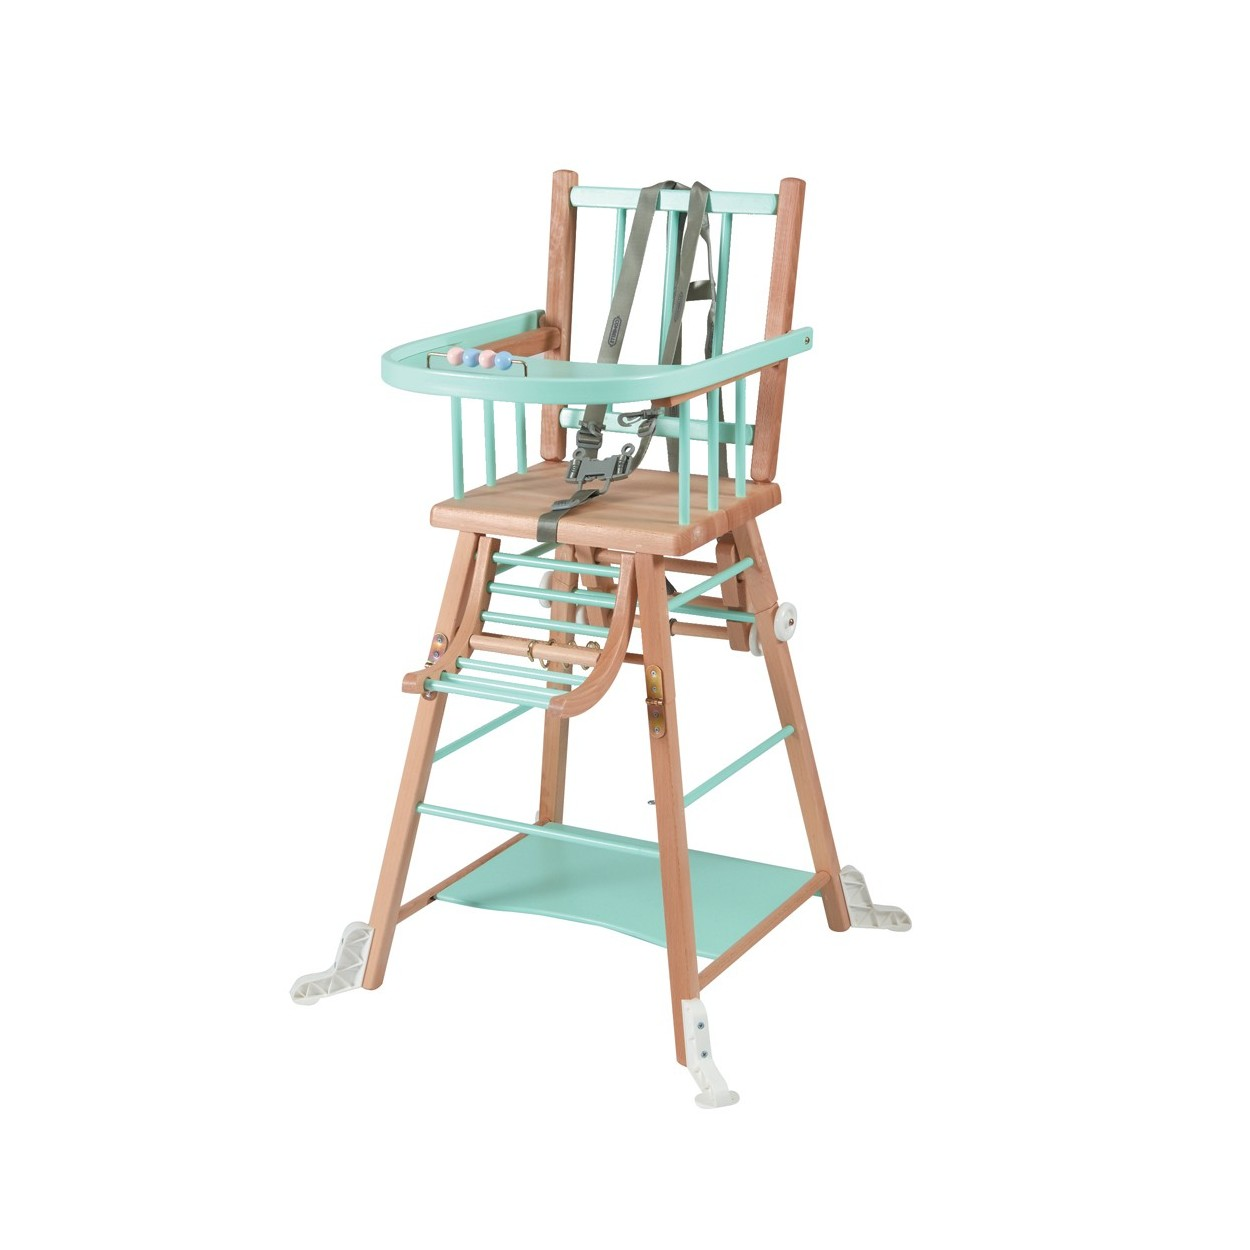 Chaise haute bébé en bois  bicolore vert menthe - 57x95 cm